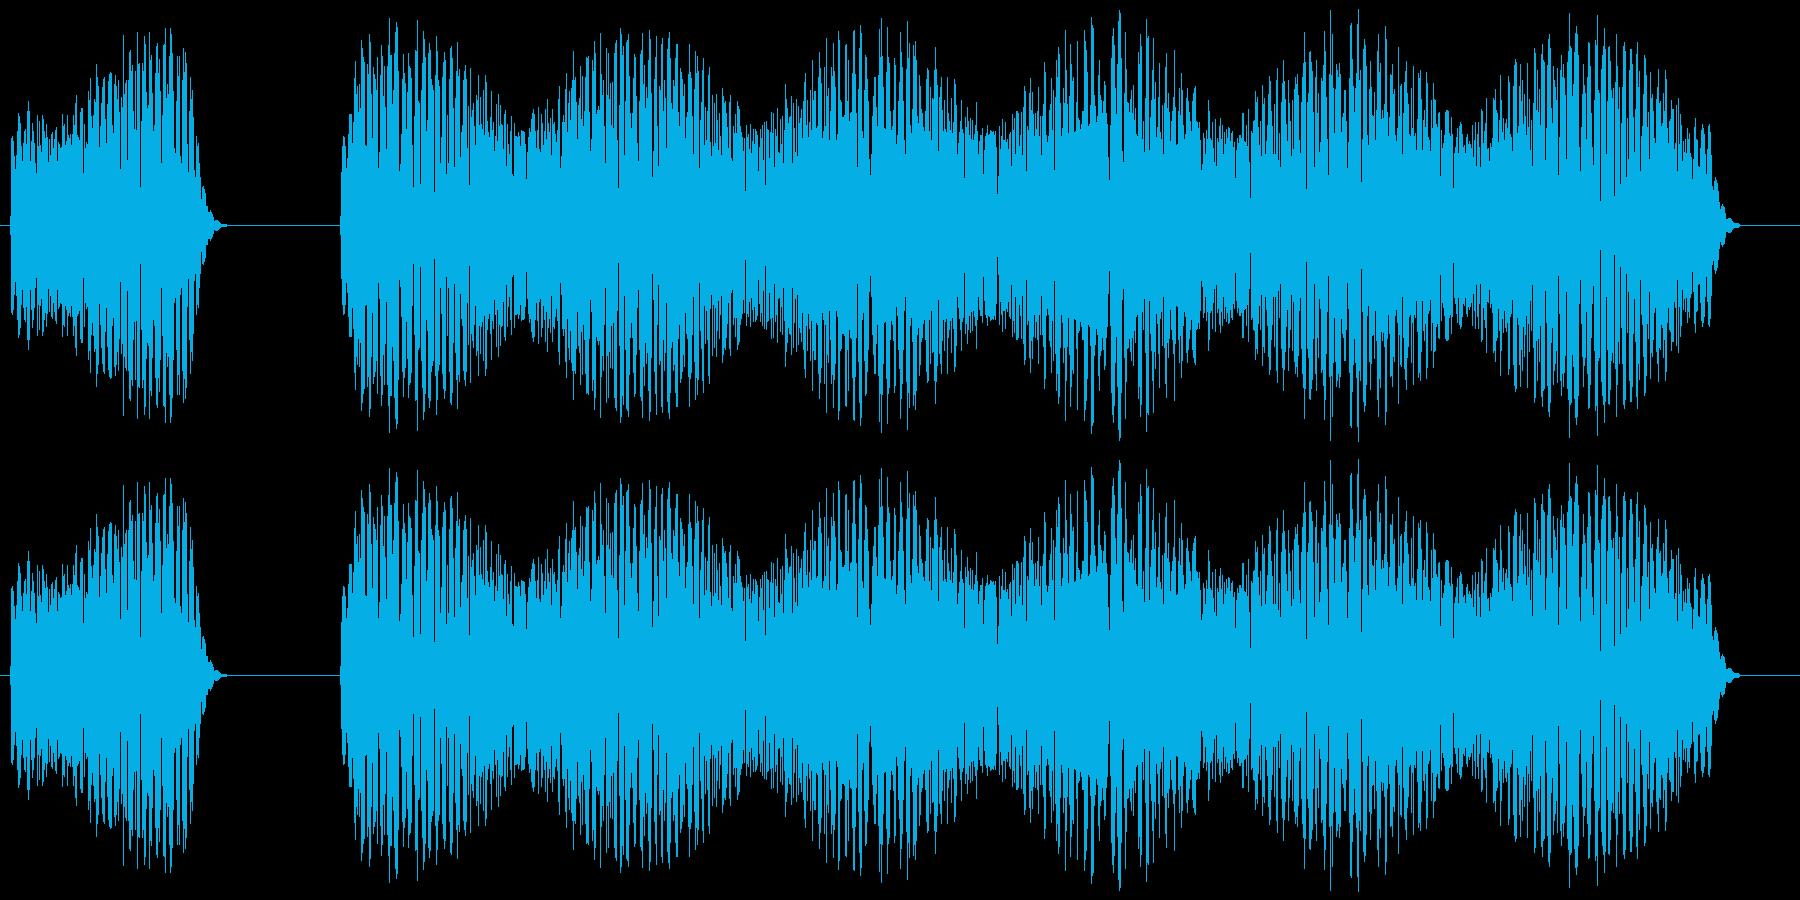 クイズ不正解のときの効果音「ブブーッ」の再生済みの波形